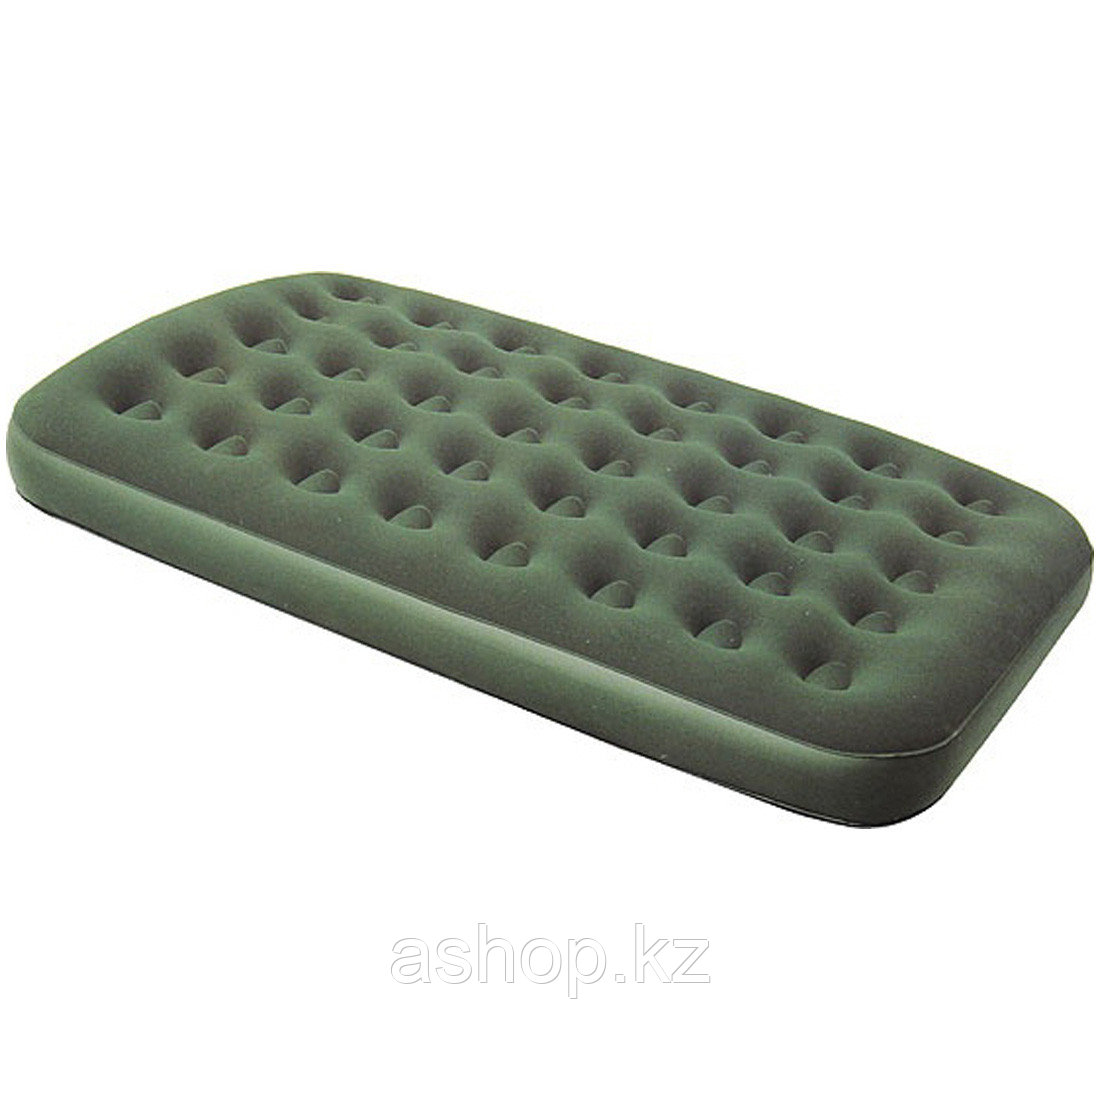 Матраc надувной Bestway 67554, Форм-фактор: Прямоугольный, Мест: 2, Материал: Поливинилхлорид, Цвет: Зелёный